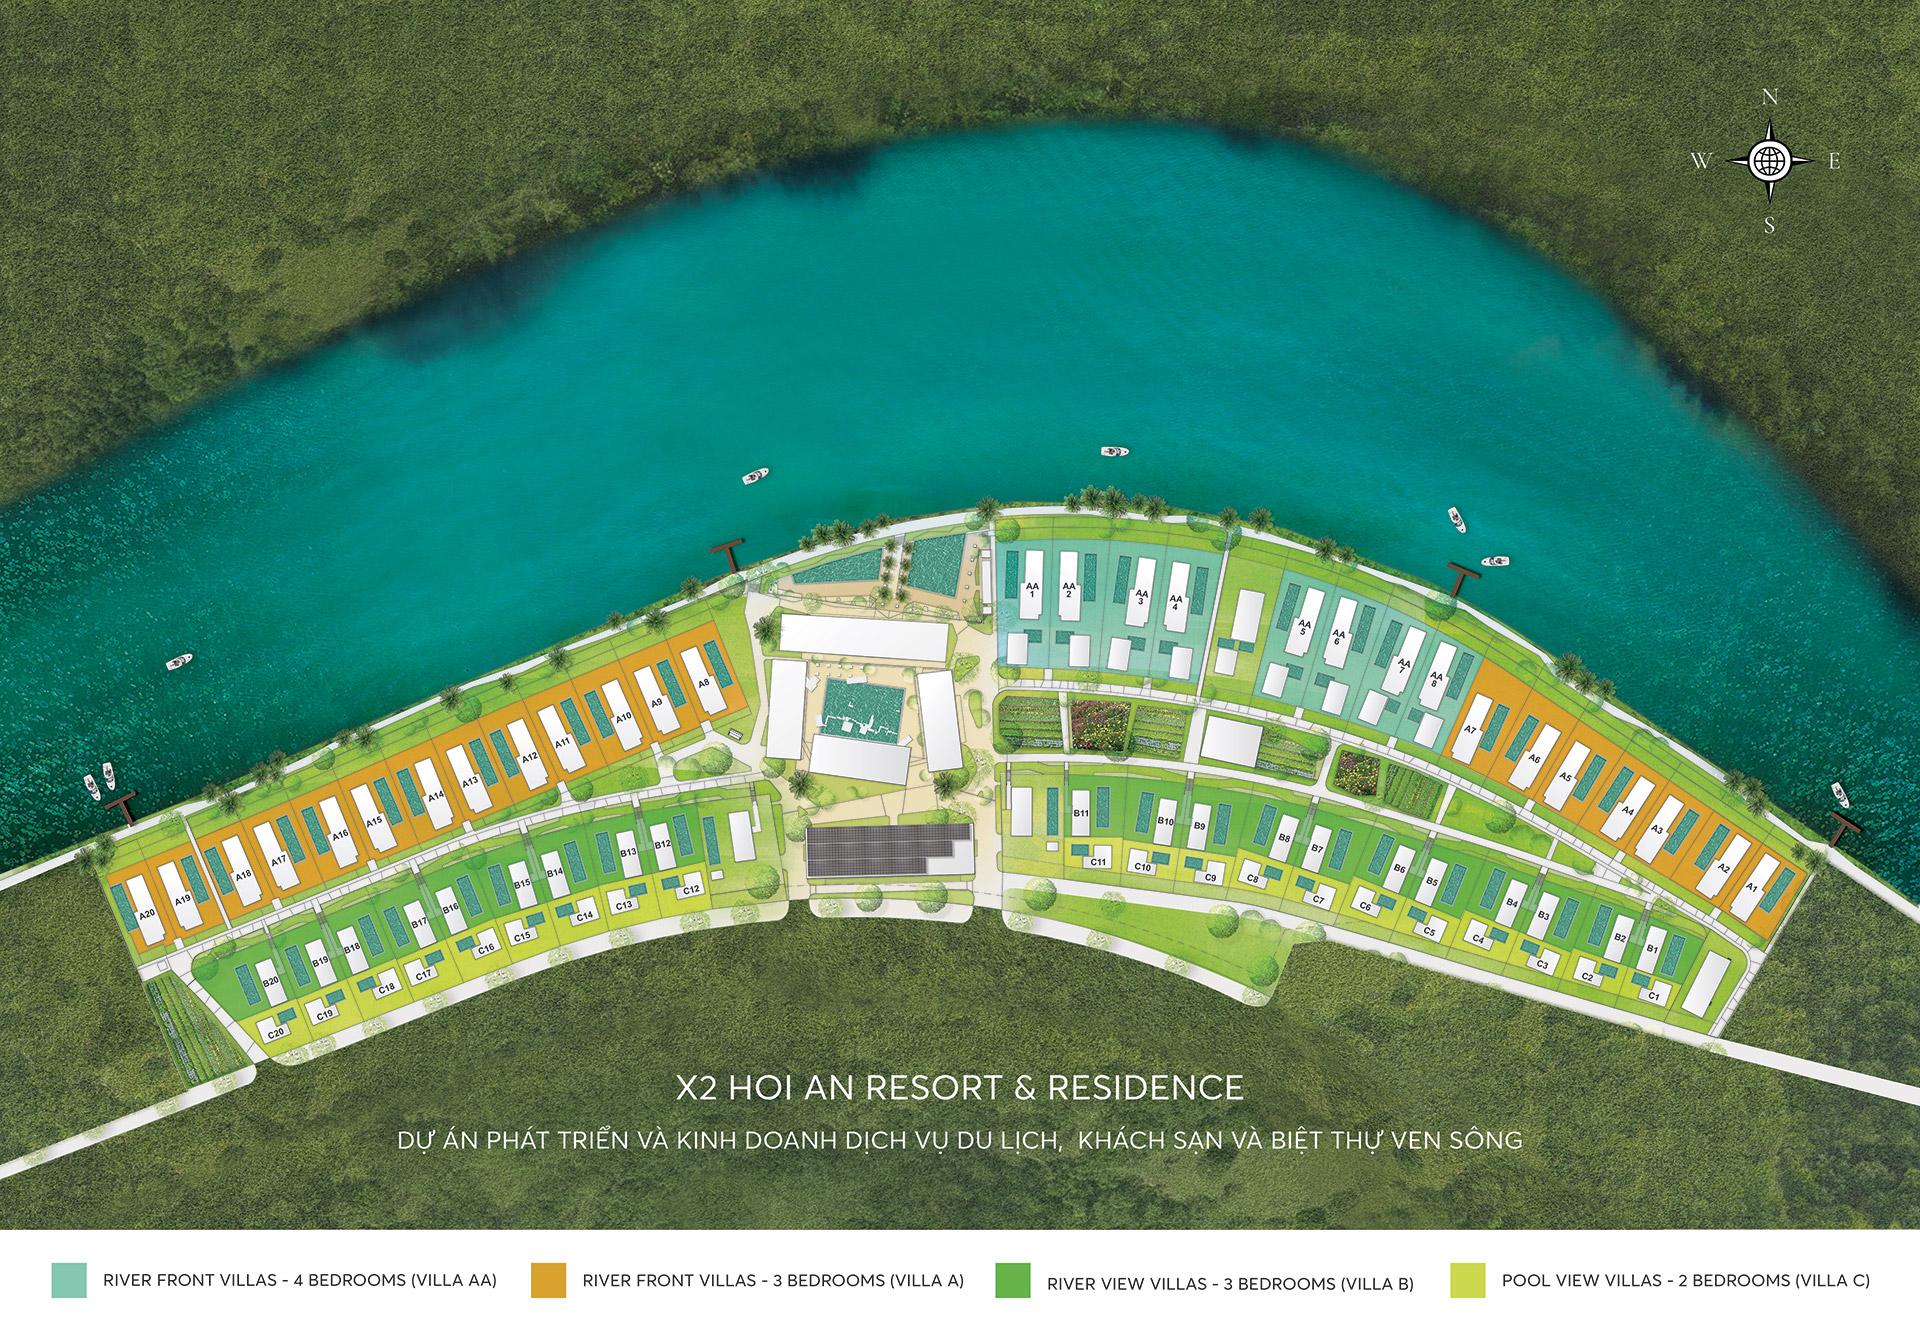 dự án biệt thự X2 hội an resort residences quảng nam